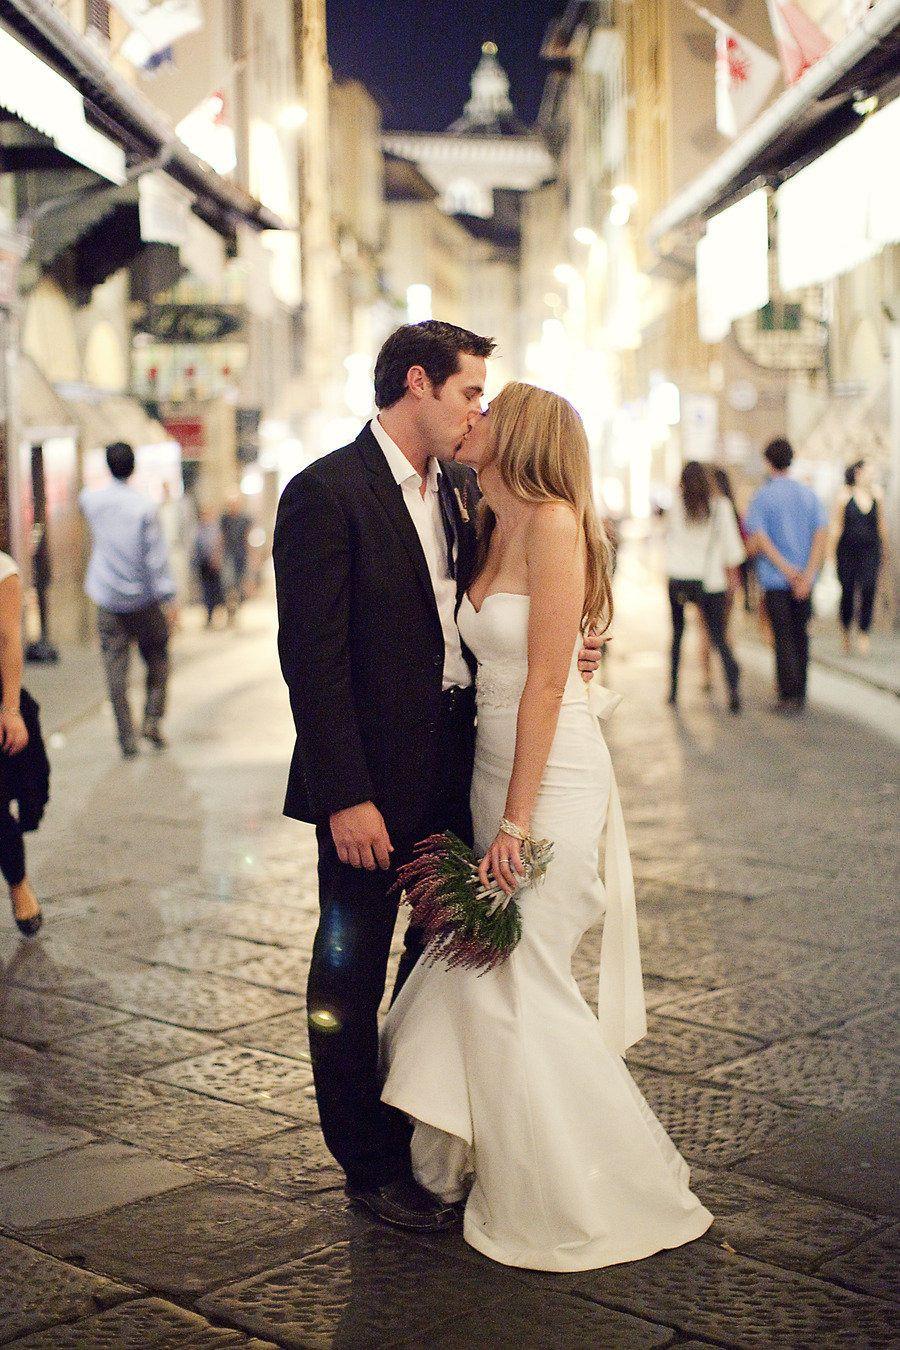 Wedding Rings Bride In Nicole Miller Dakota Dress Groom They Look Like Ryan Reynolds And Blake Lively